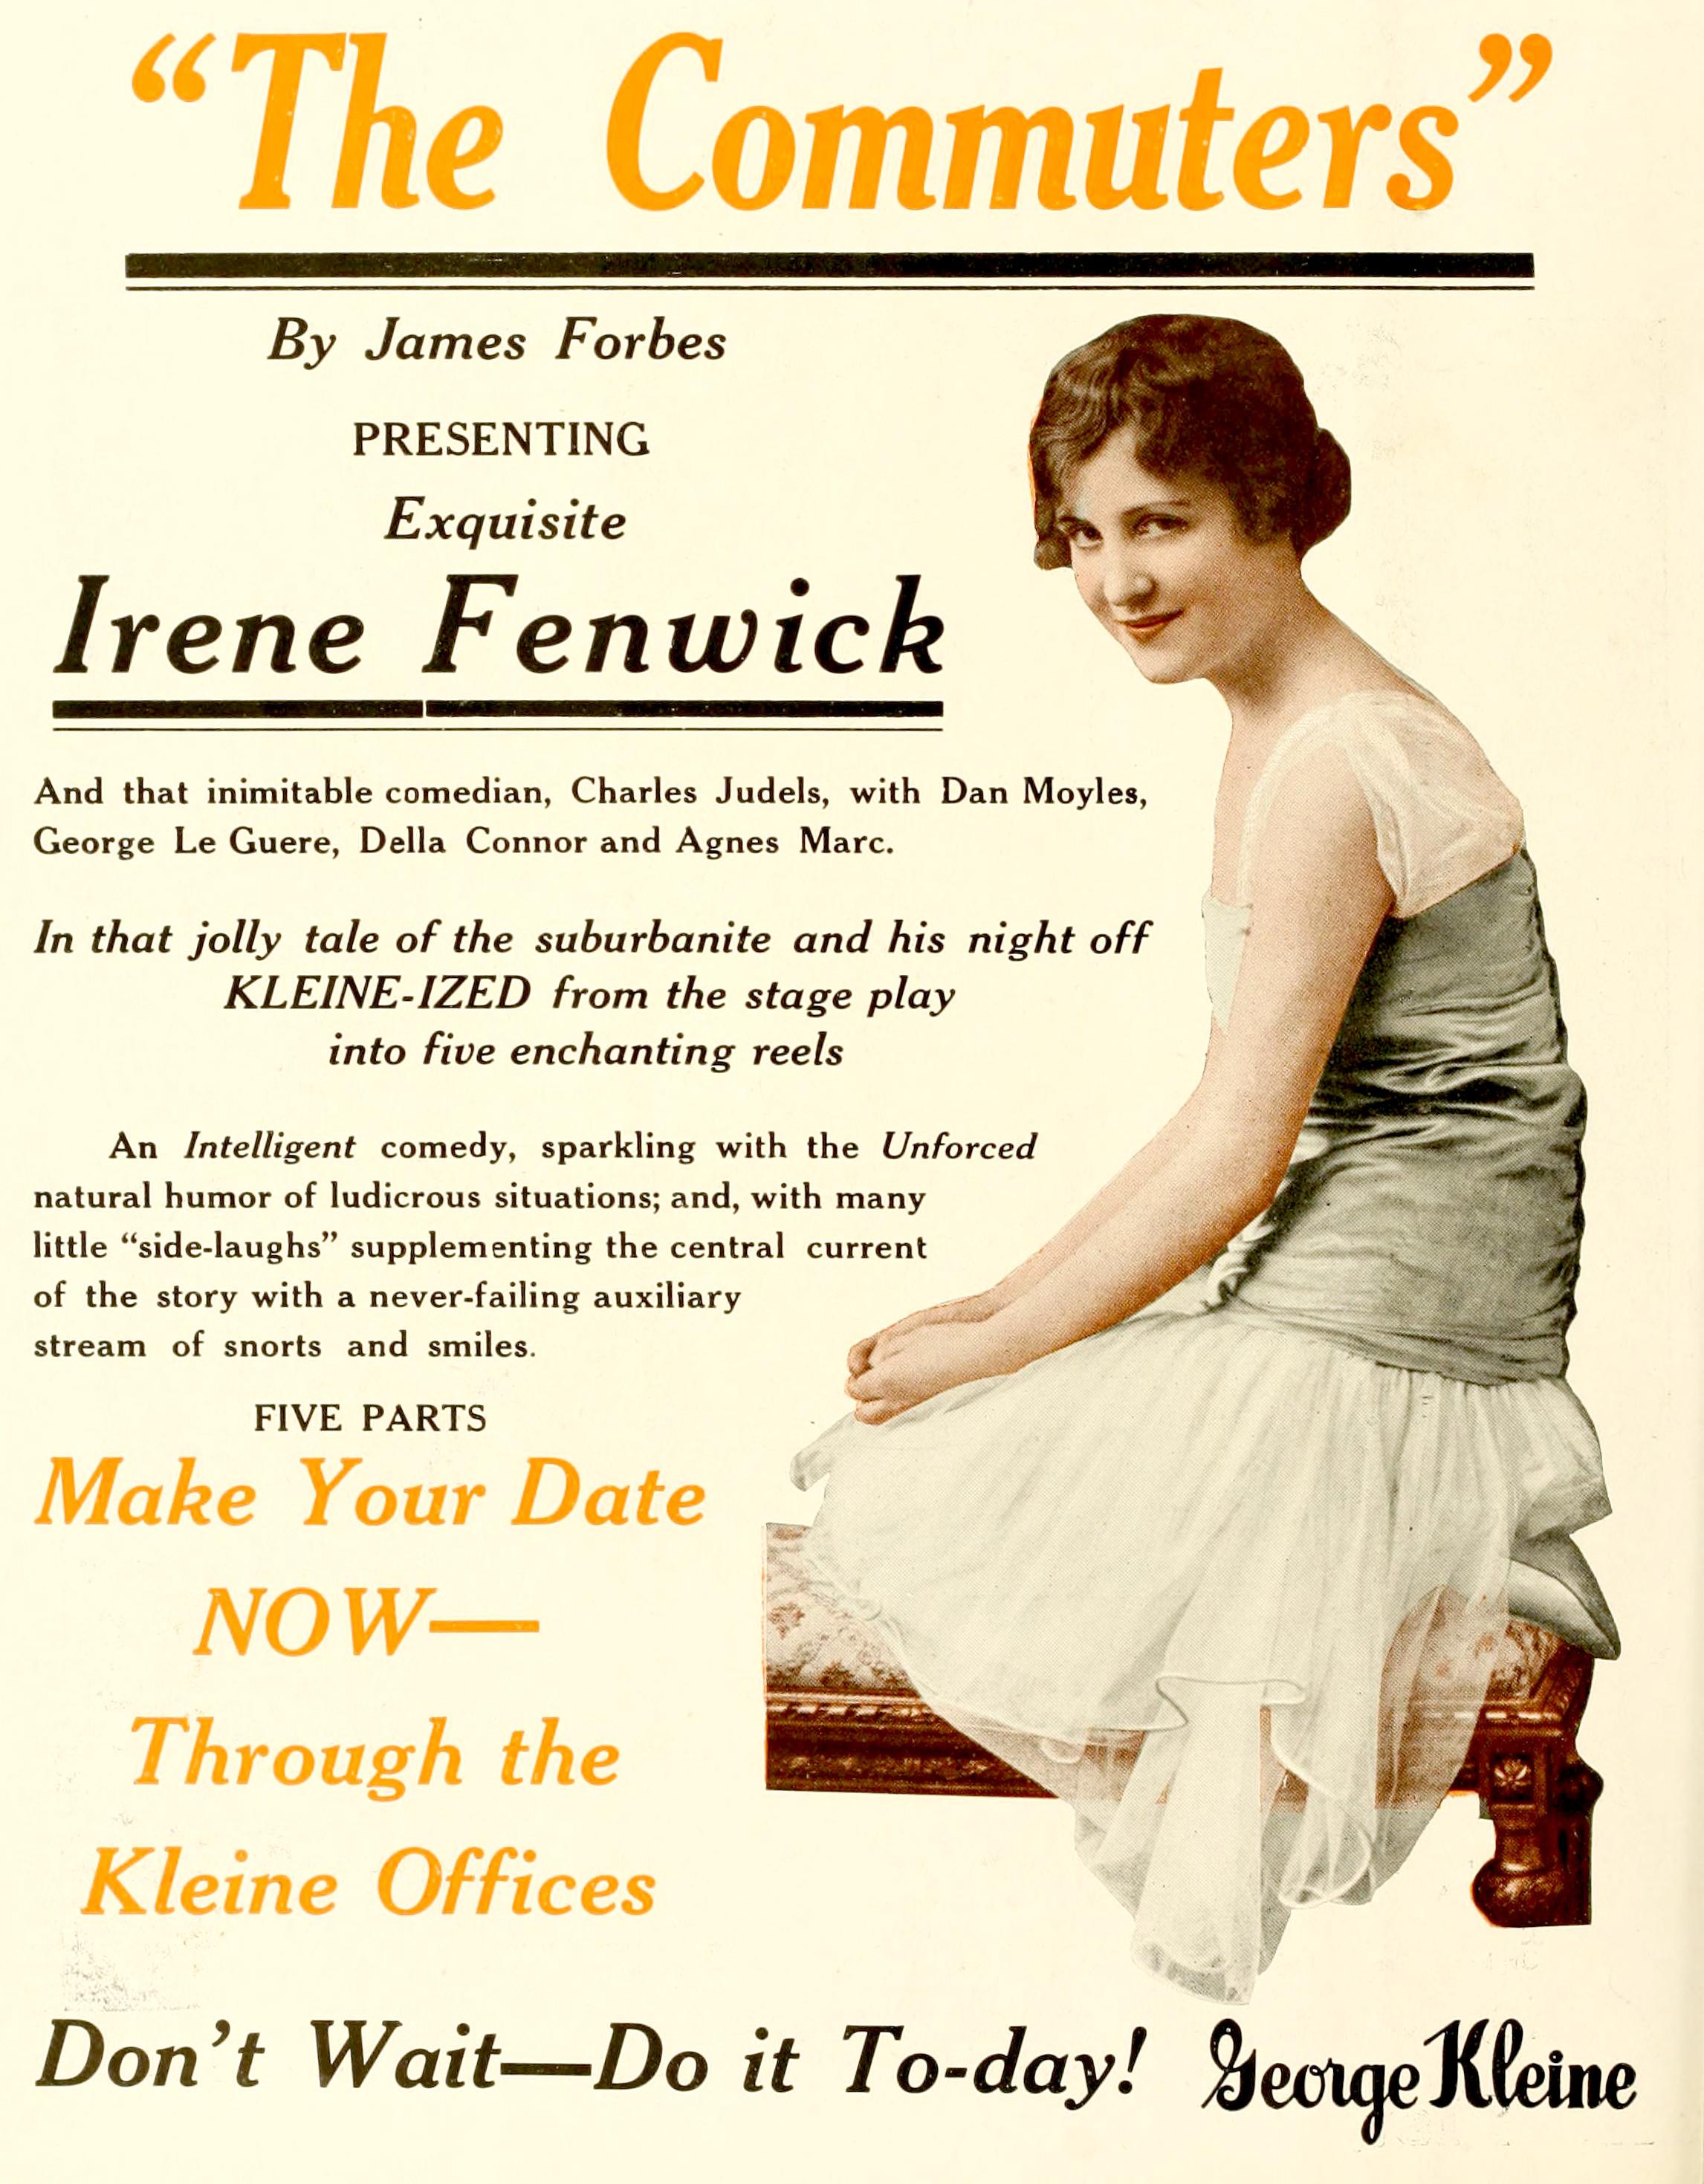 Irene Fenwick Irene Fenwick new photo